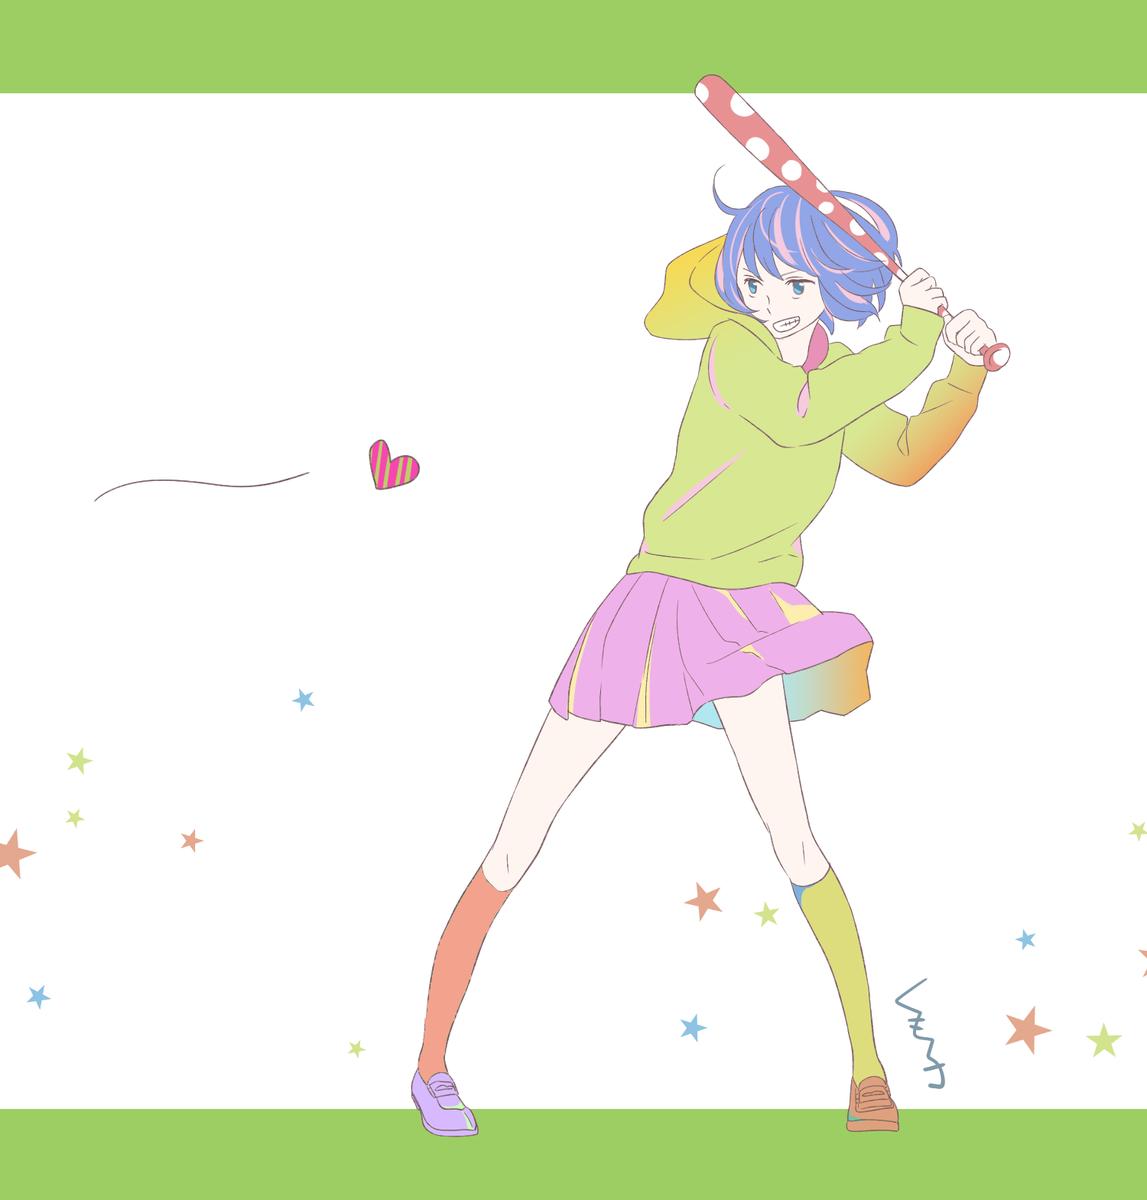 かっとばせ~恋のホームラン https://t.co/844p47uTkn